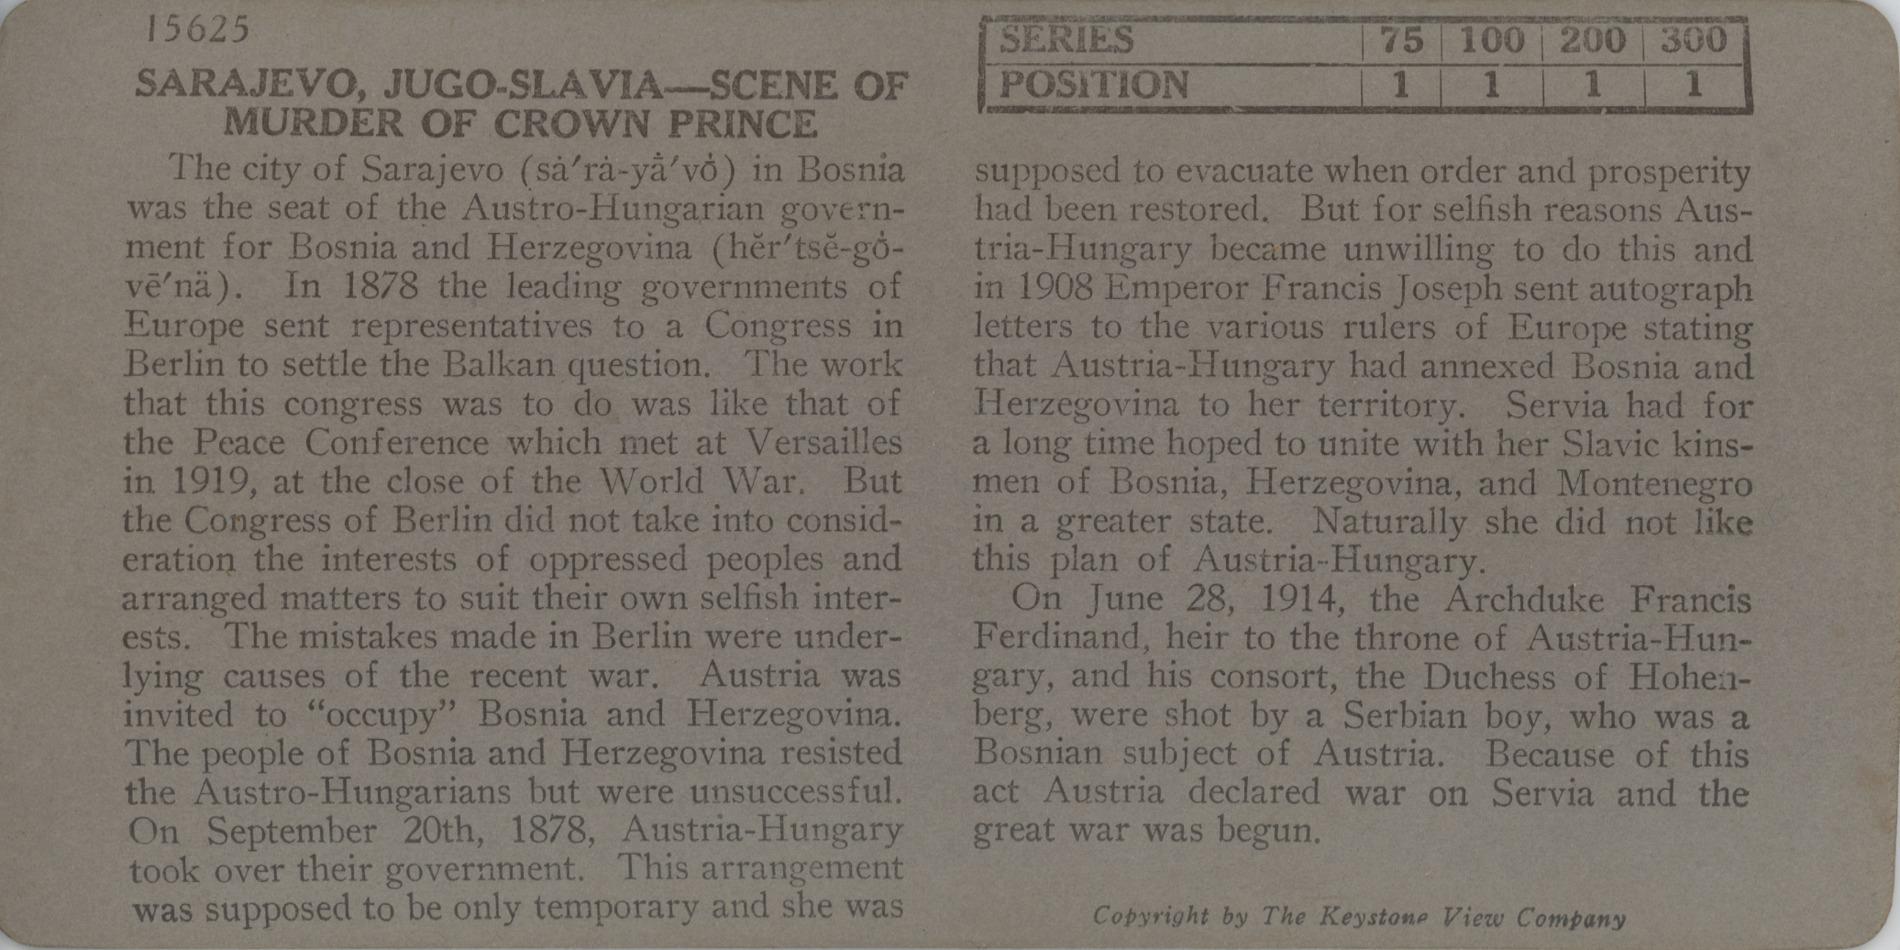 Sarajevo, Jugo-Slavia - Scene of Murder of Crown Prince